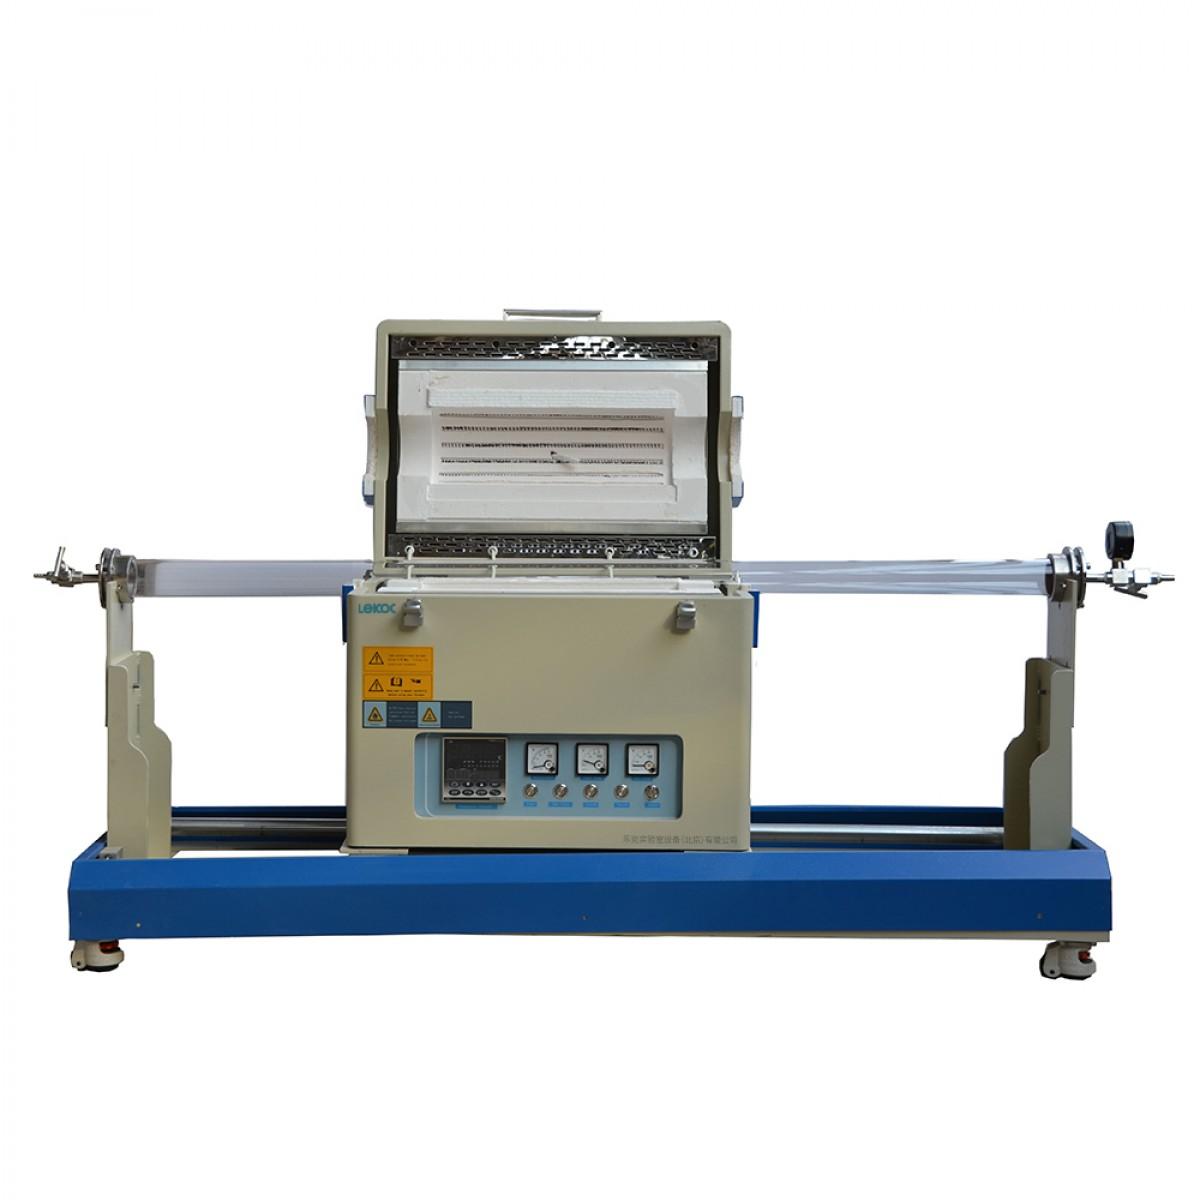 乐克严选 LEKOC TL1200-M单温区滑动管式炉TL1200-M-III